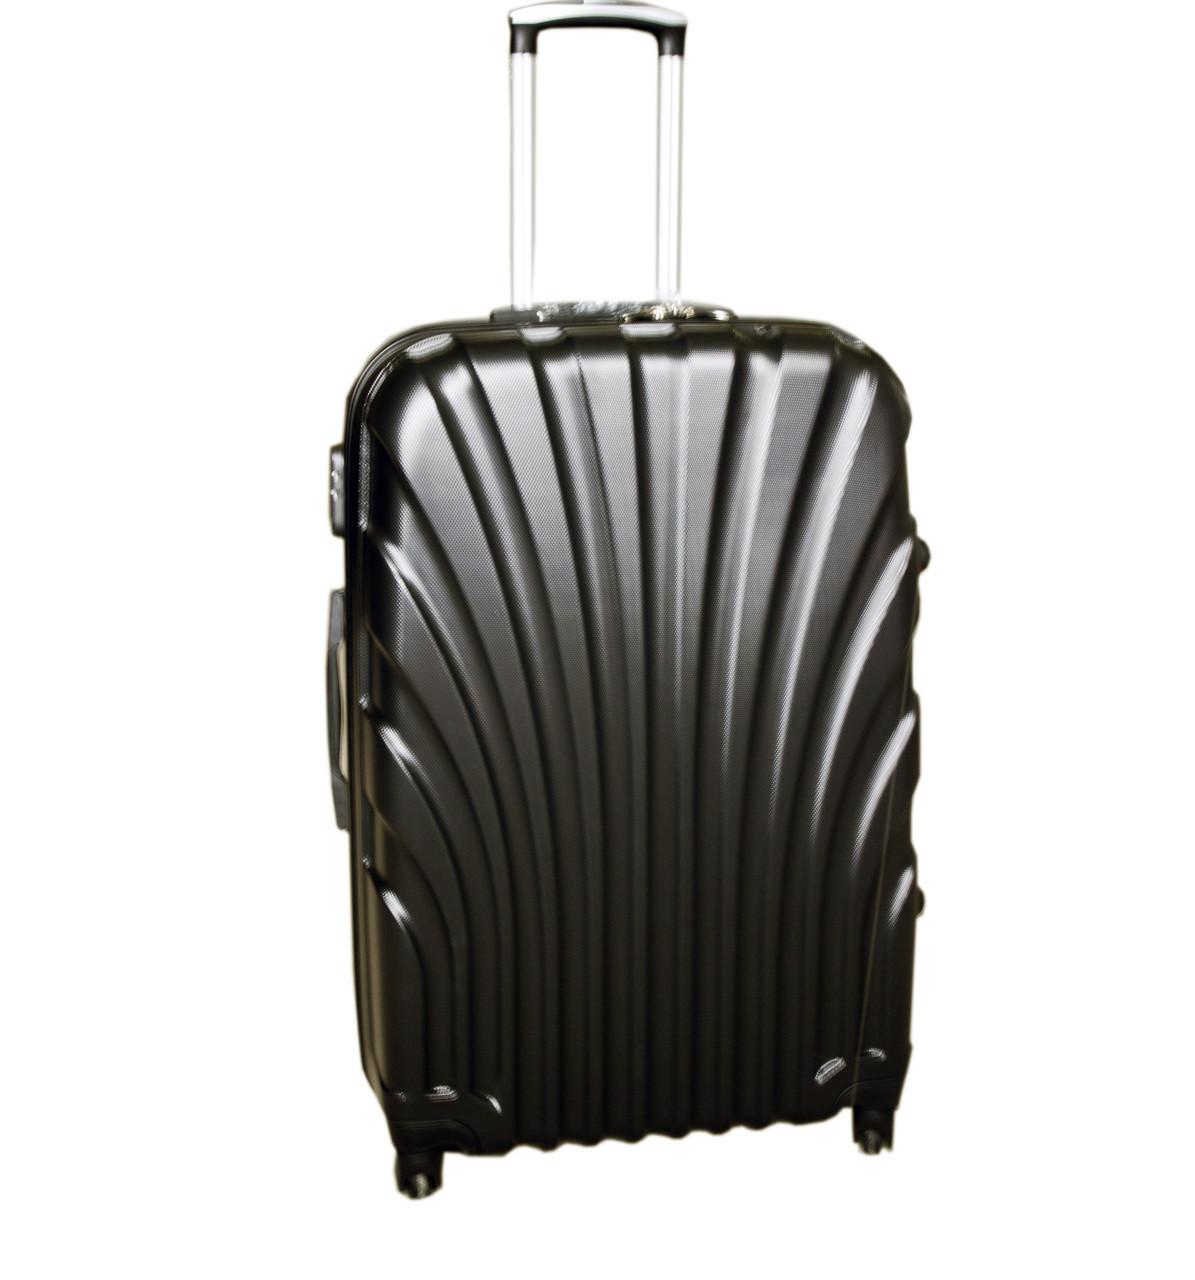 Дорожній чемодан 4 колеса набір 3 штуки чорний, артикул: 6-244